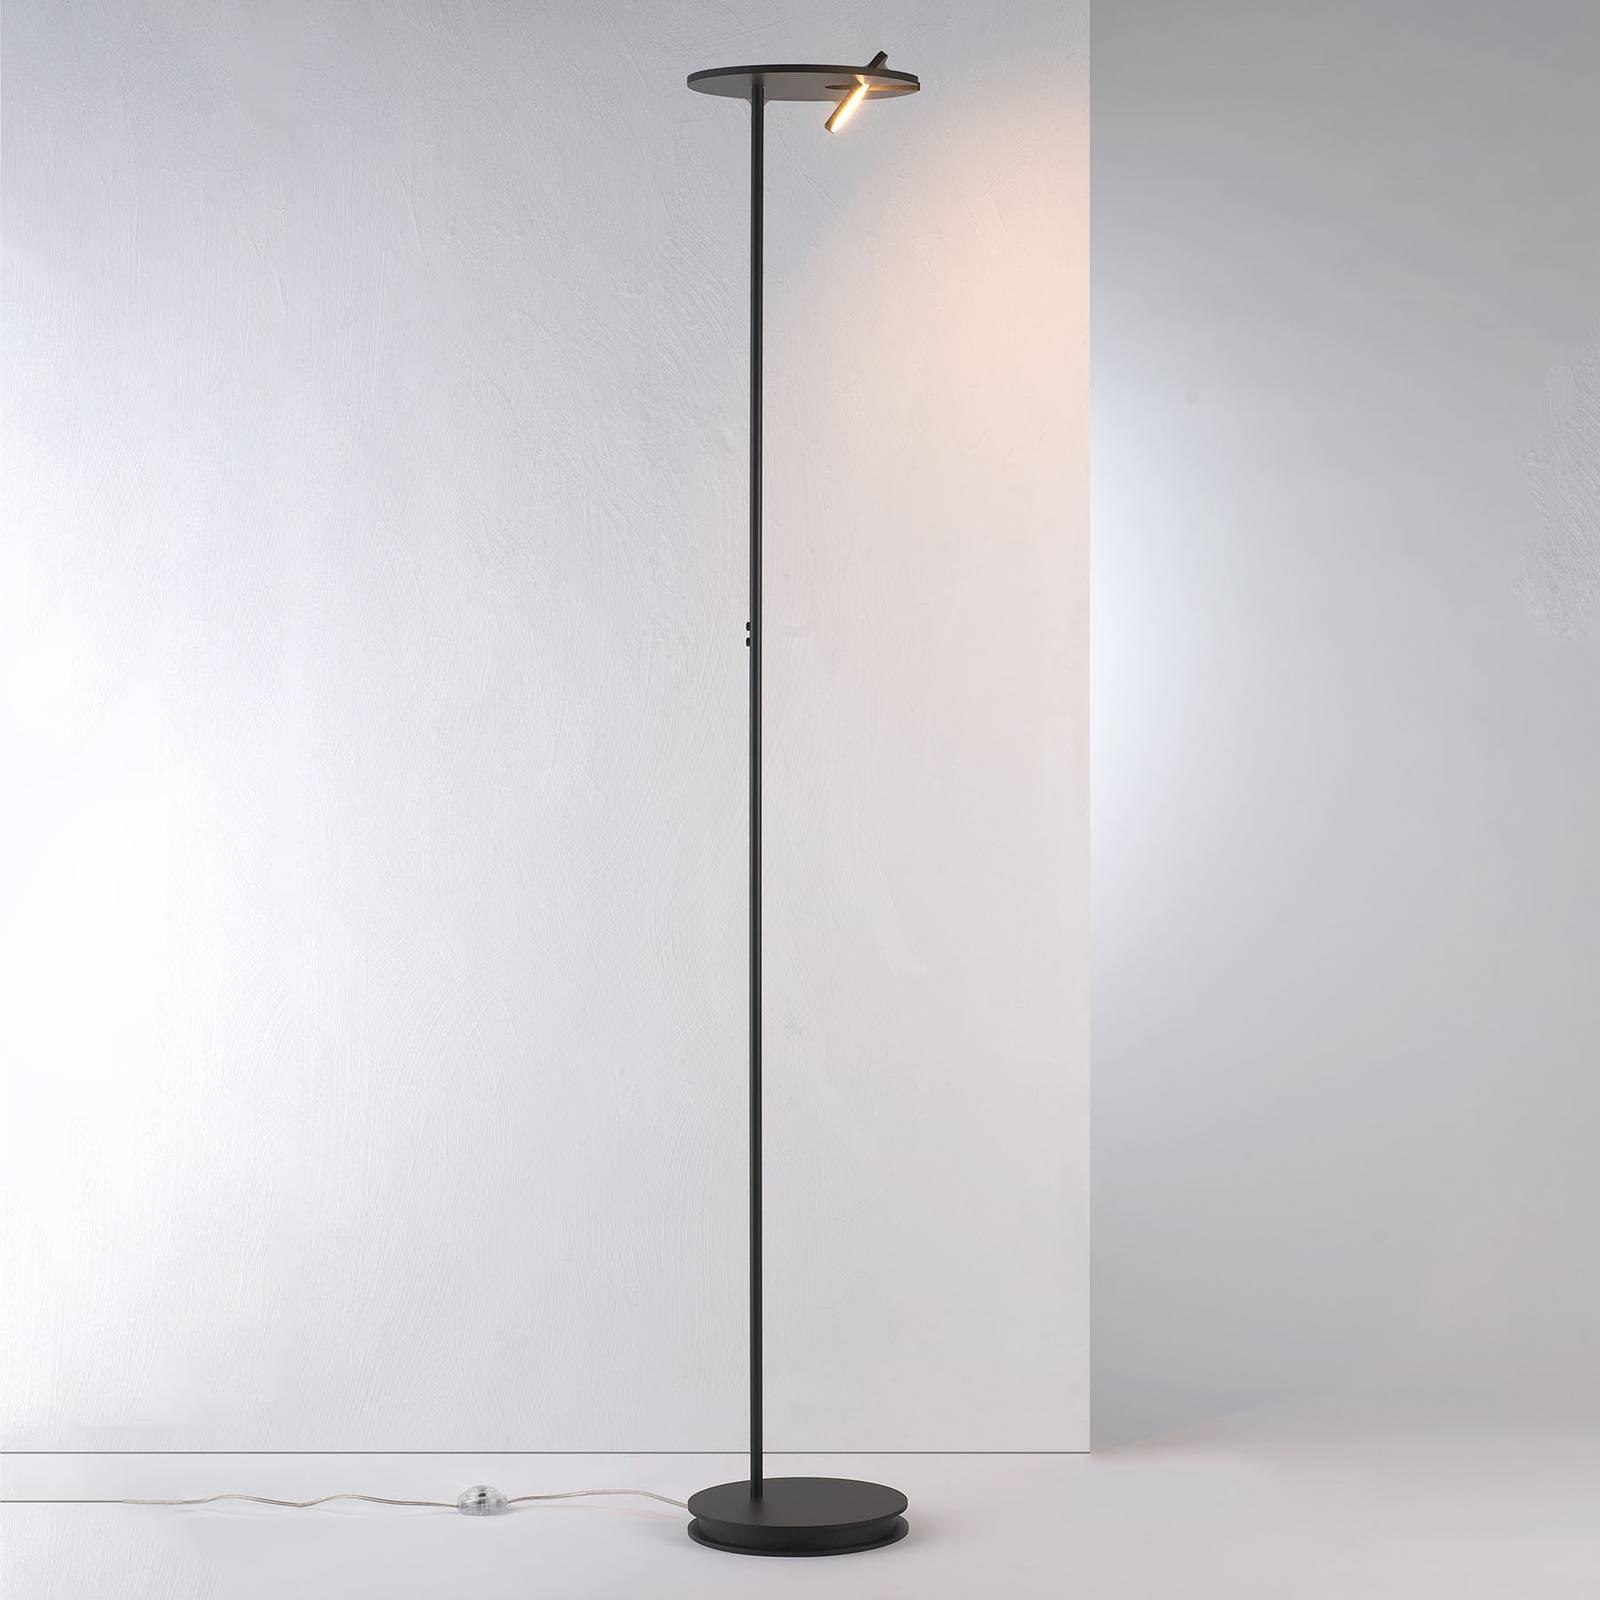 Bopp Share LED-uplight med leselampe, svart